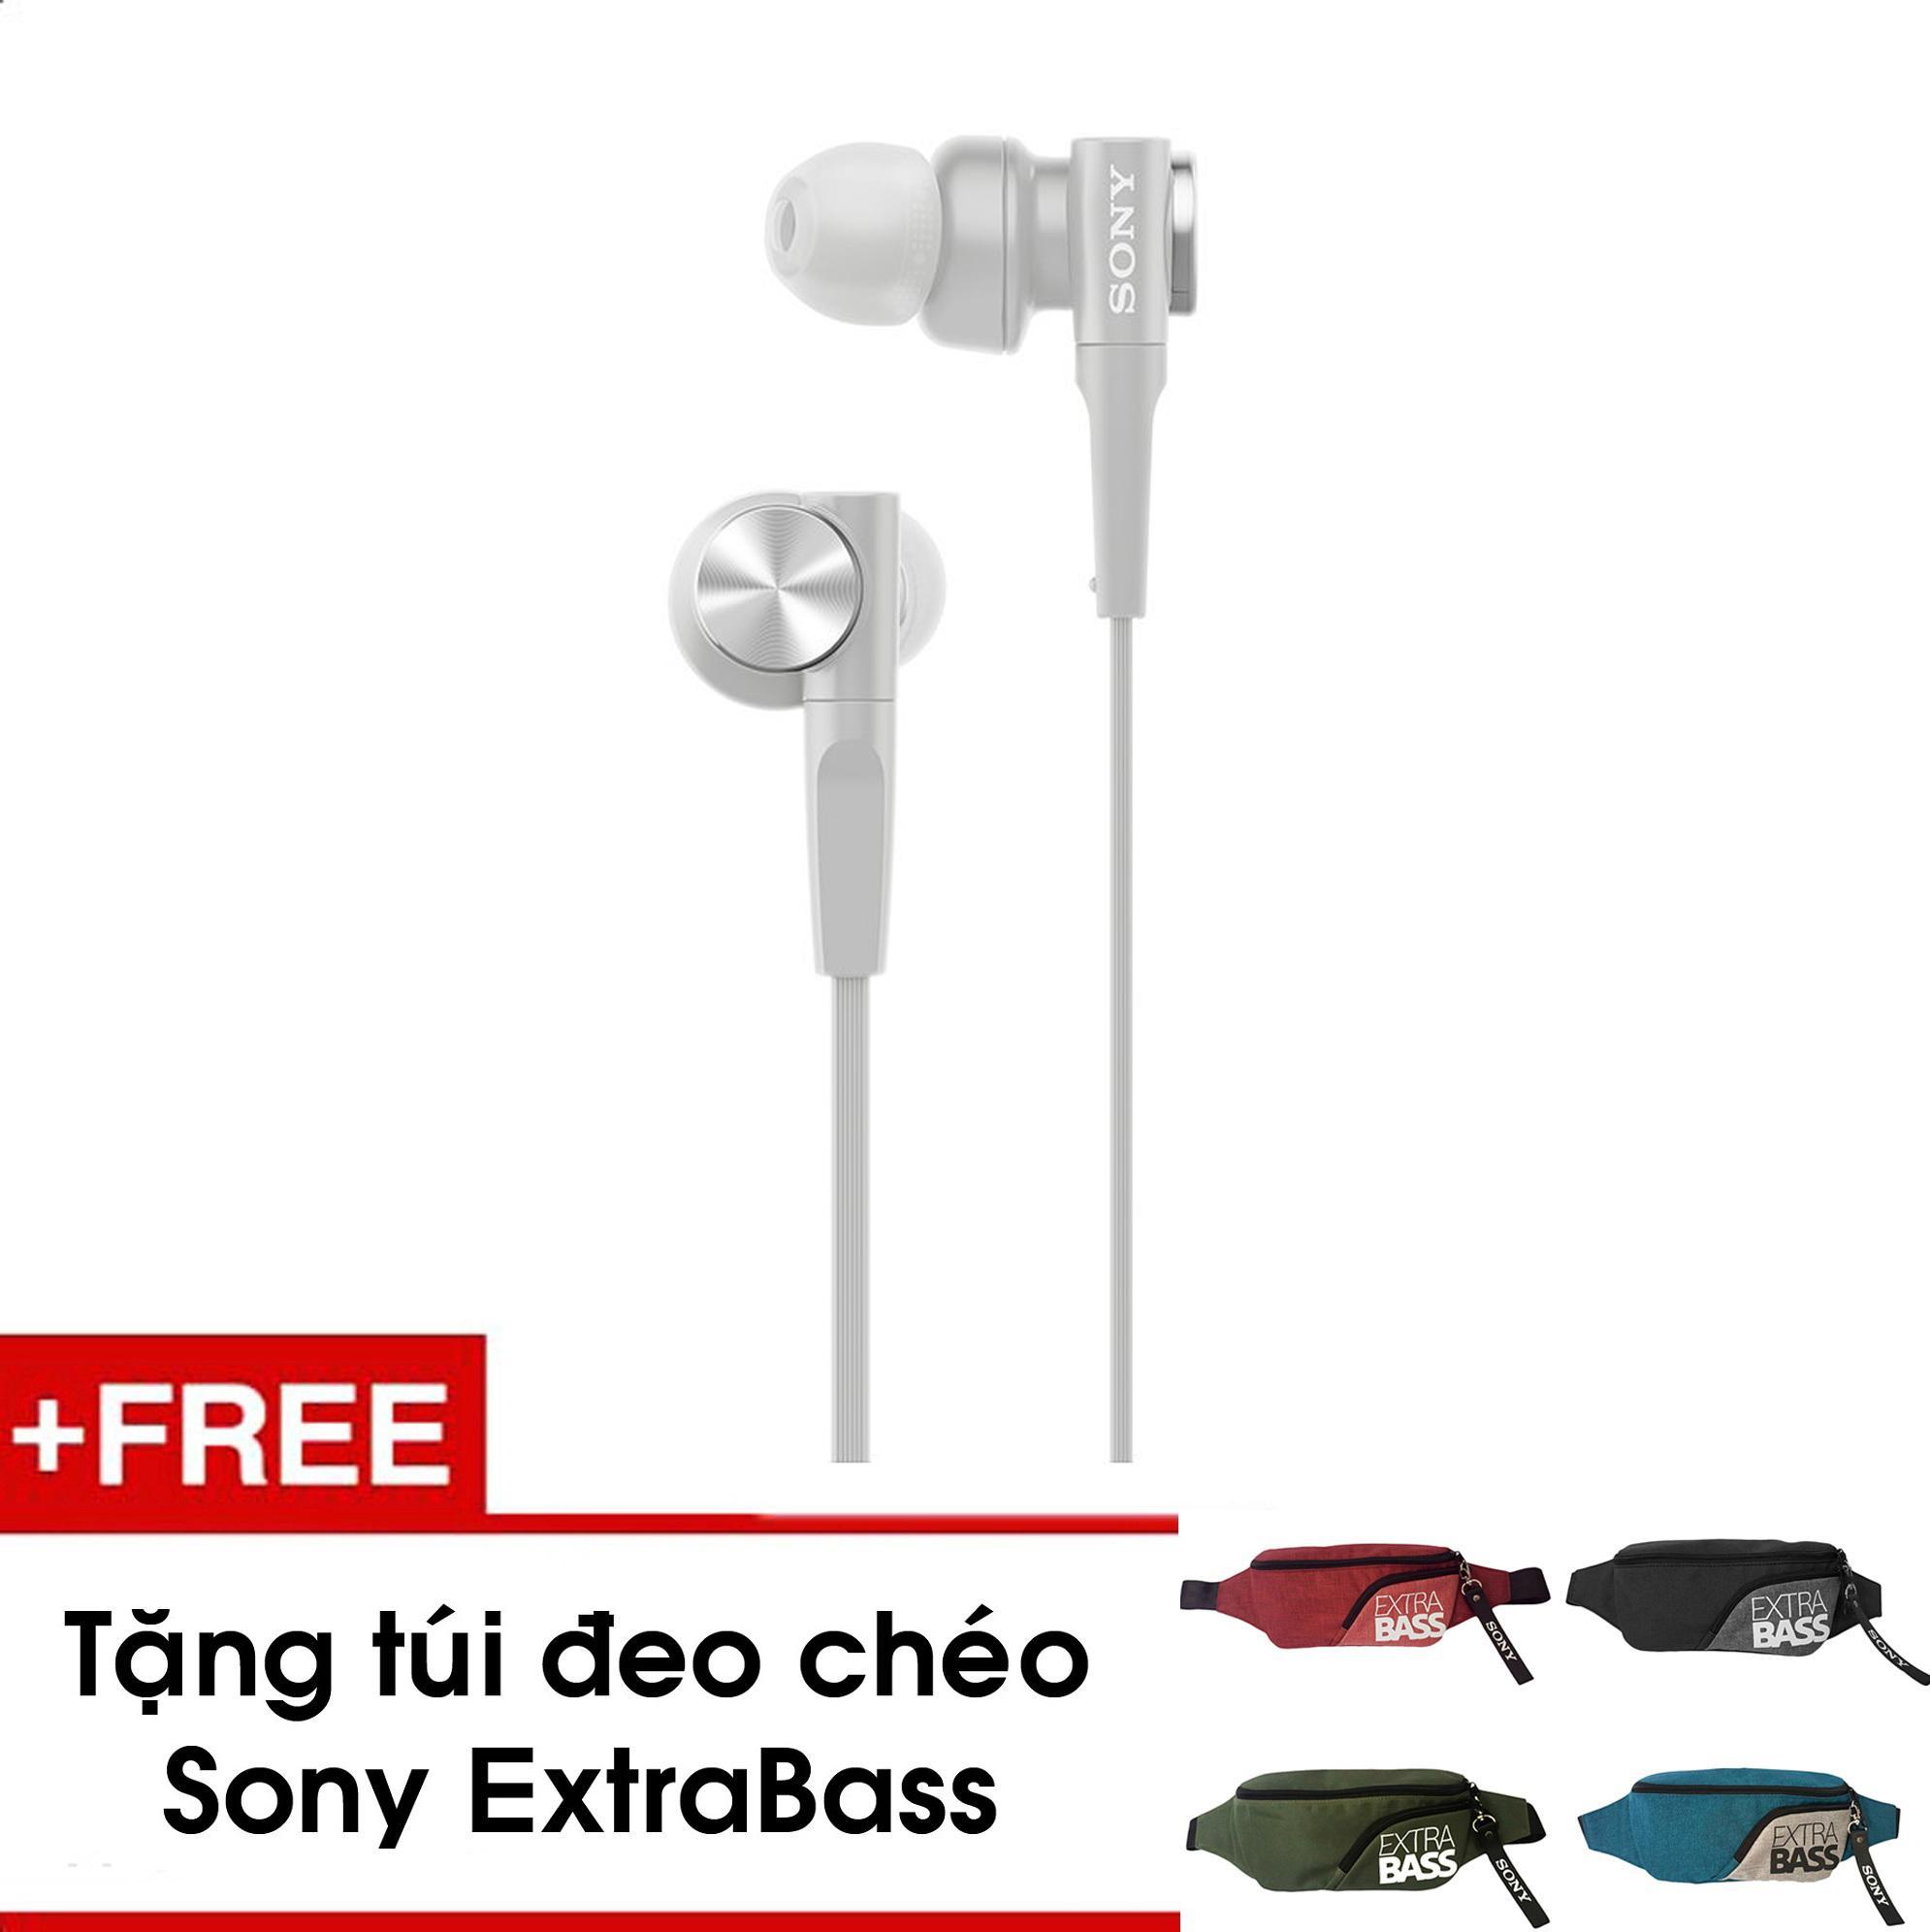 Tai nghe Sony In-ear EXTRA BASS MDR-XB55AP - Màu trắng - Chính hãng - Tặng 01 túi đeo chéo Extrabass (Màu ngẫu nhiên)